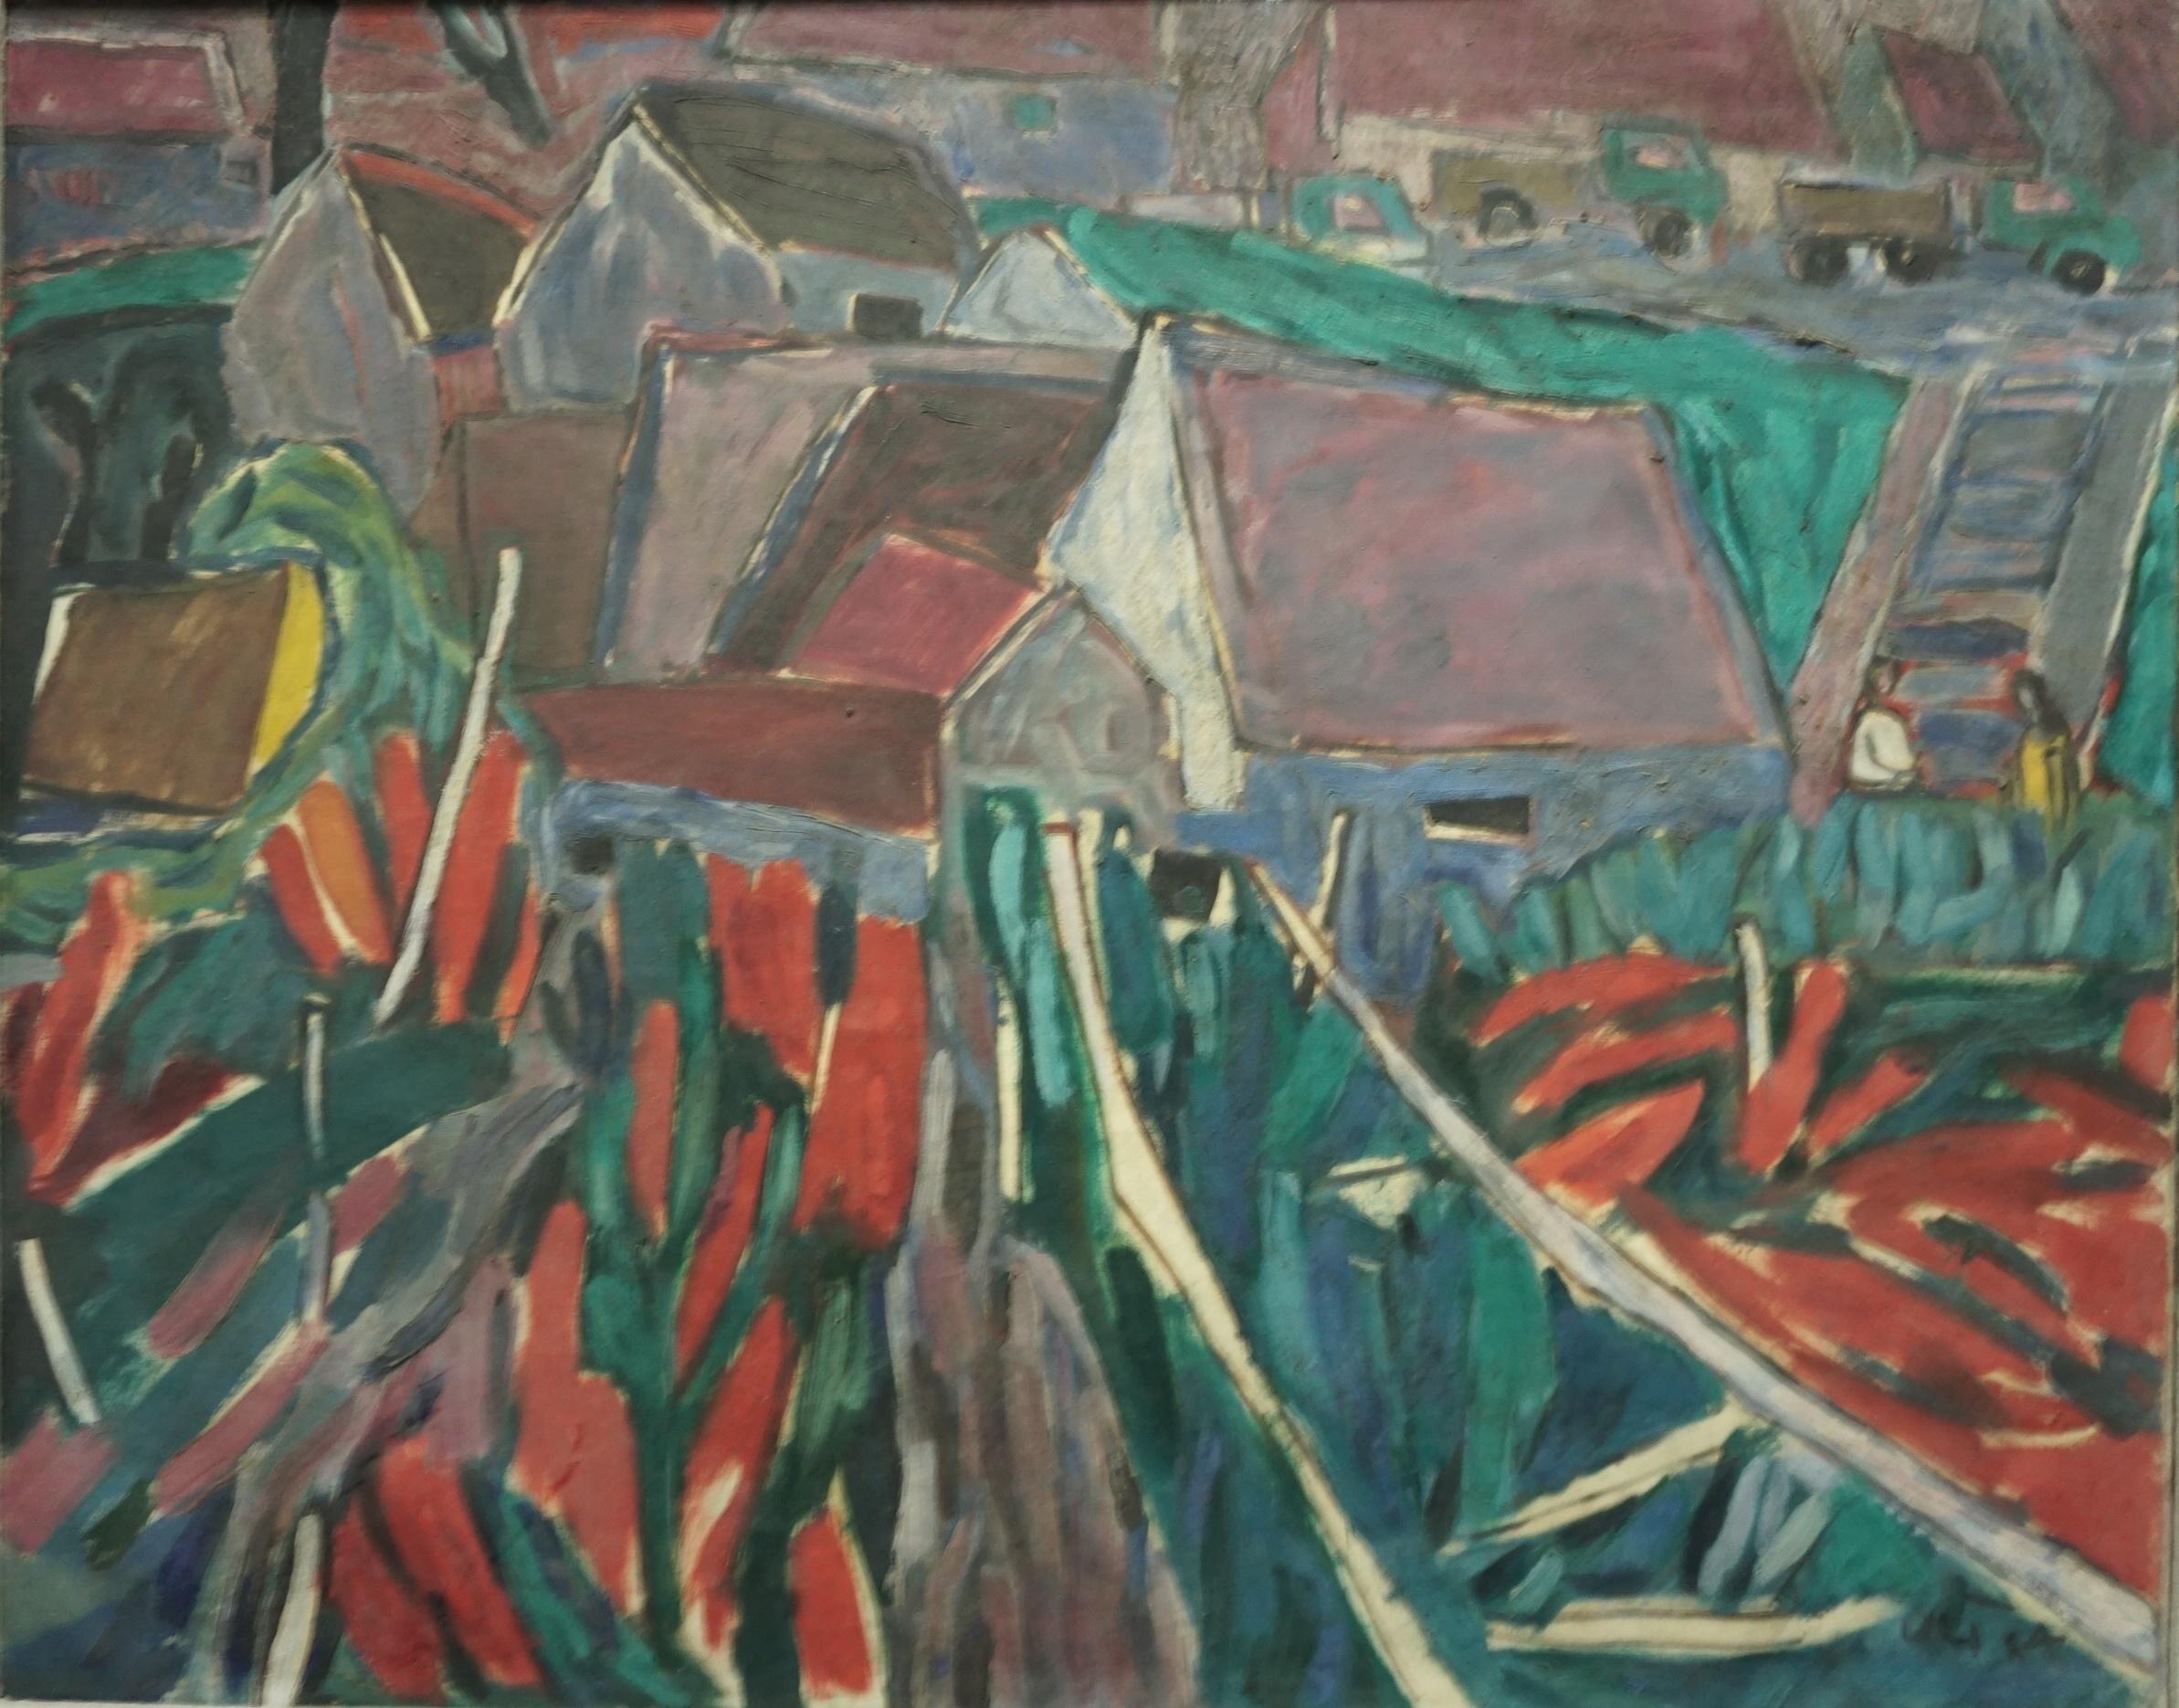 Triển lãm Mùa xuân vĩnh viên trưng bày 52 tác phẩm của các hoạ sĩ Đông Dương